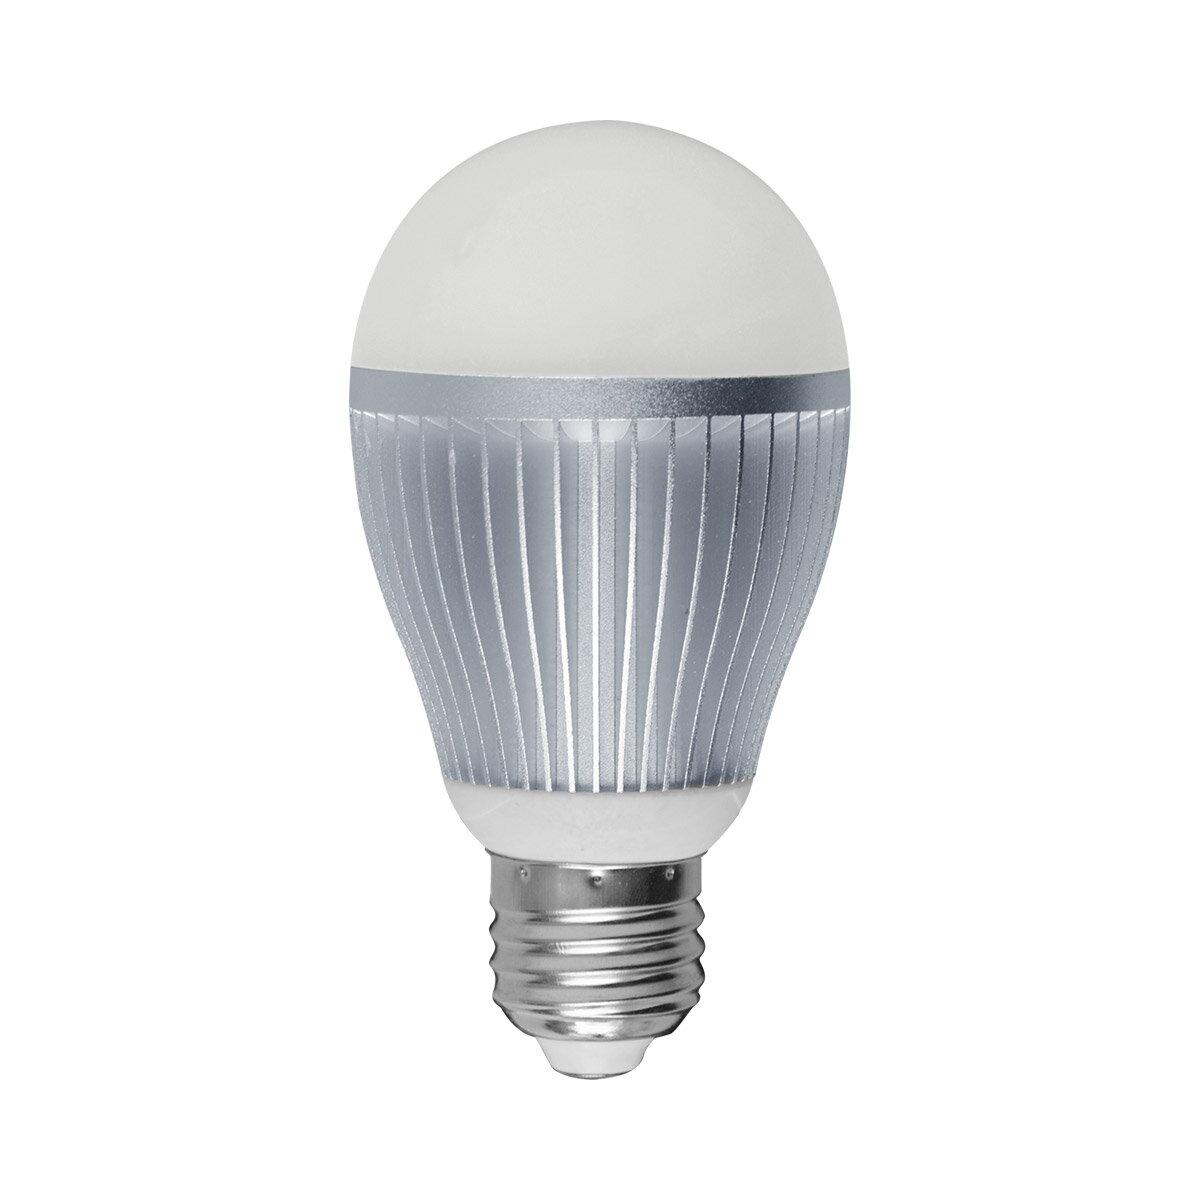 [1年保証]電球 led E26 LED電球 2.4GHz無線式リモコン対応 8.2W / 860lm / 口金E26 LEDライト 超寿命 明るい リモコン操作 照明器具 led照明 消費電力 節電対策 長寿命 高輝度 おしゃれ[送料無料][レビュー特典]